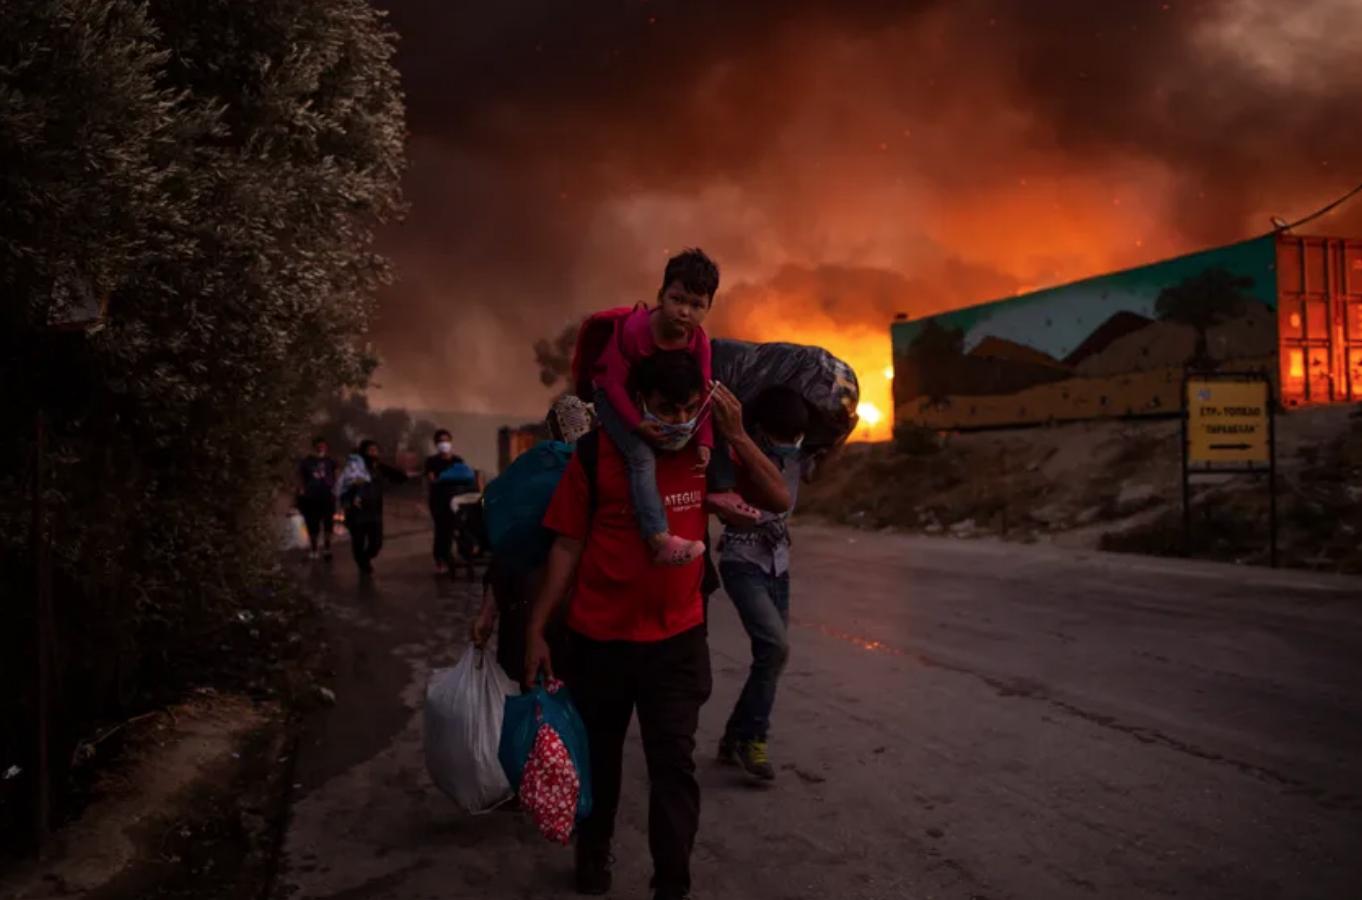 Incendie dans le camp de réfugiés à Moria (Grèce).